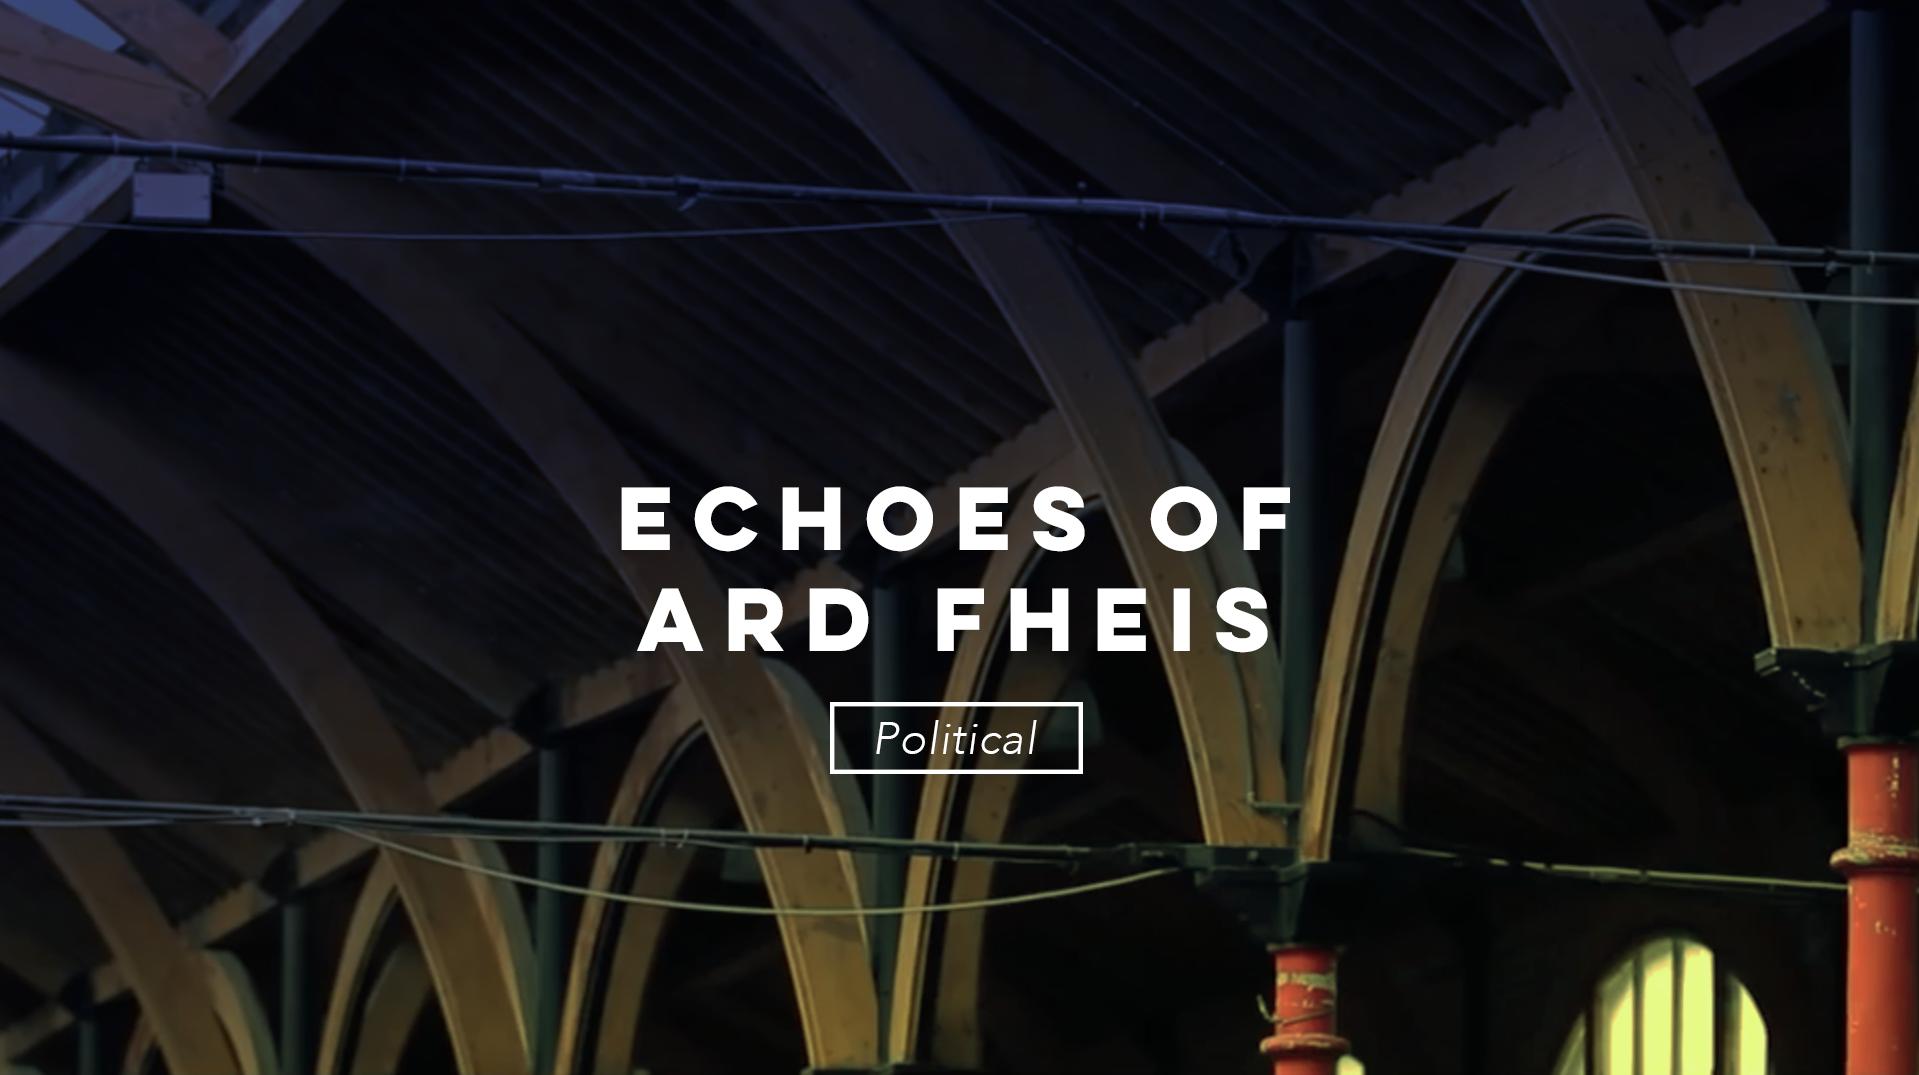 Echoes of Ard Fheis